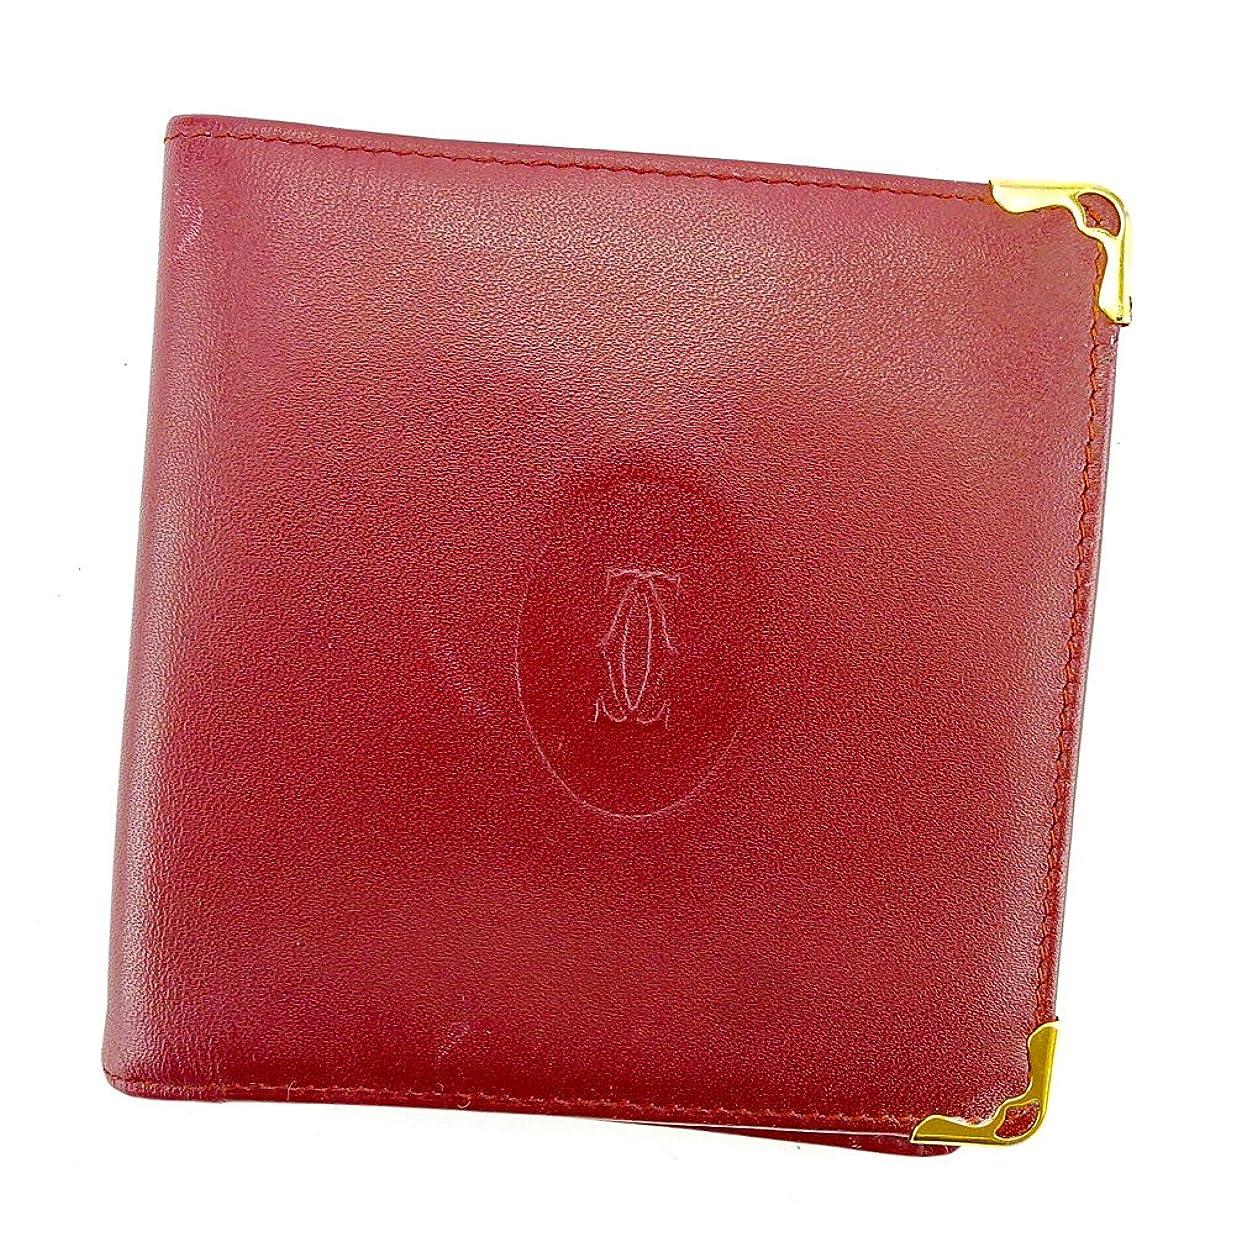 市の中心部誤講義(カルティエ) Cartier 二つ折り 財布 ボルドー×ゴールド マストライン レディース メンズ 可 中古 S567